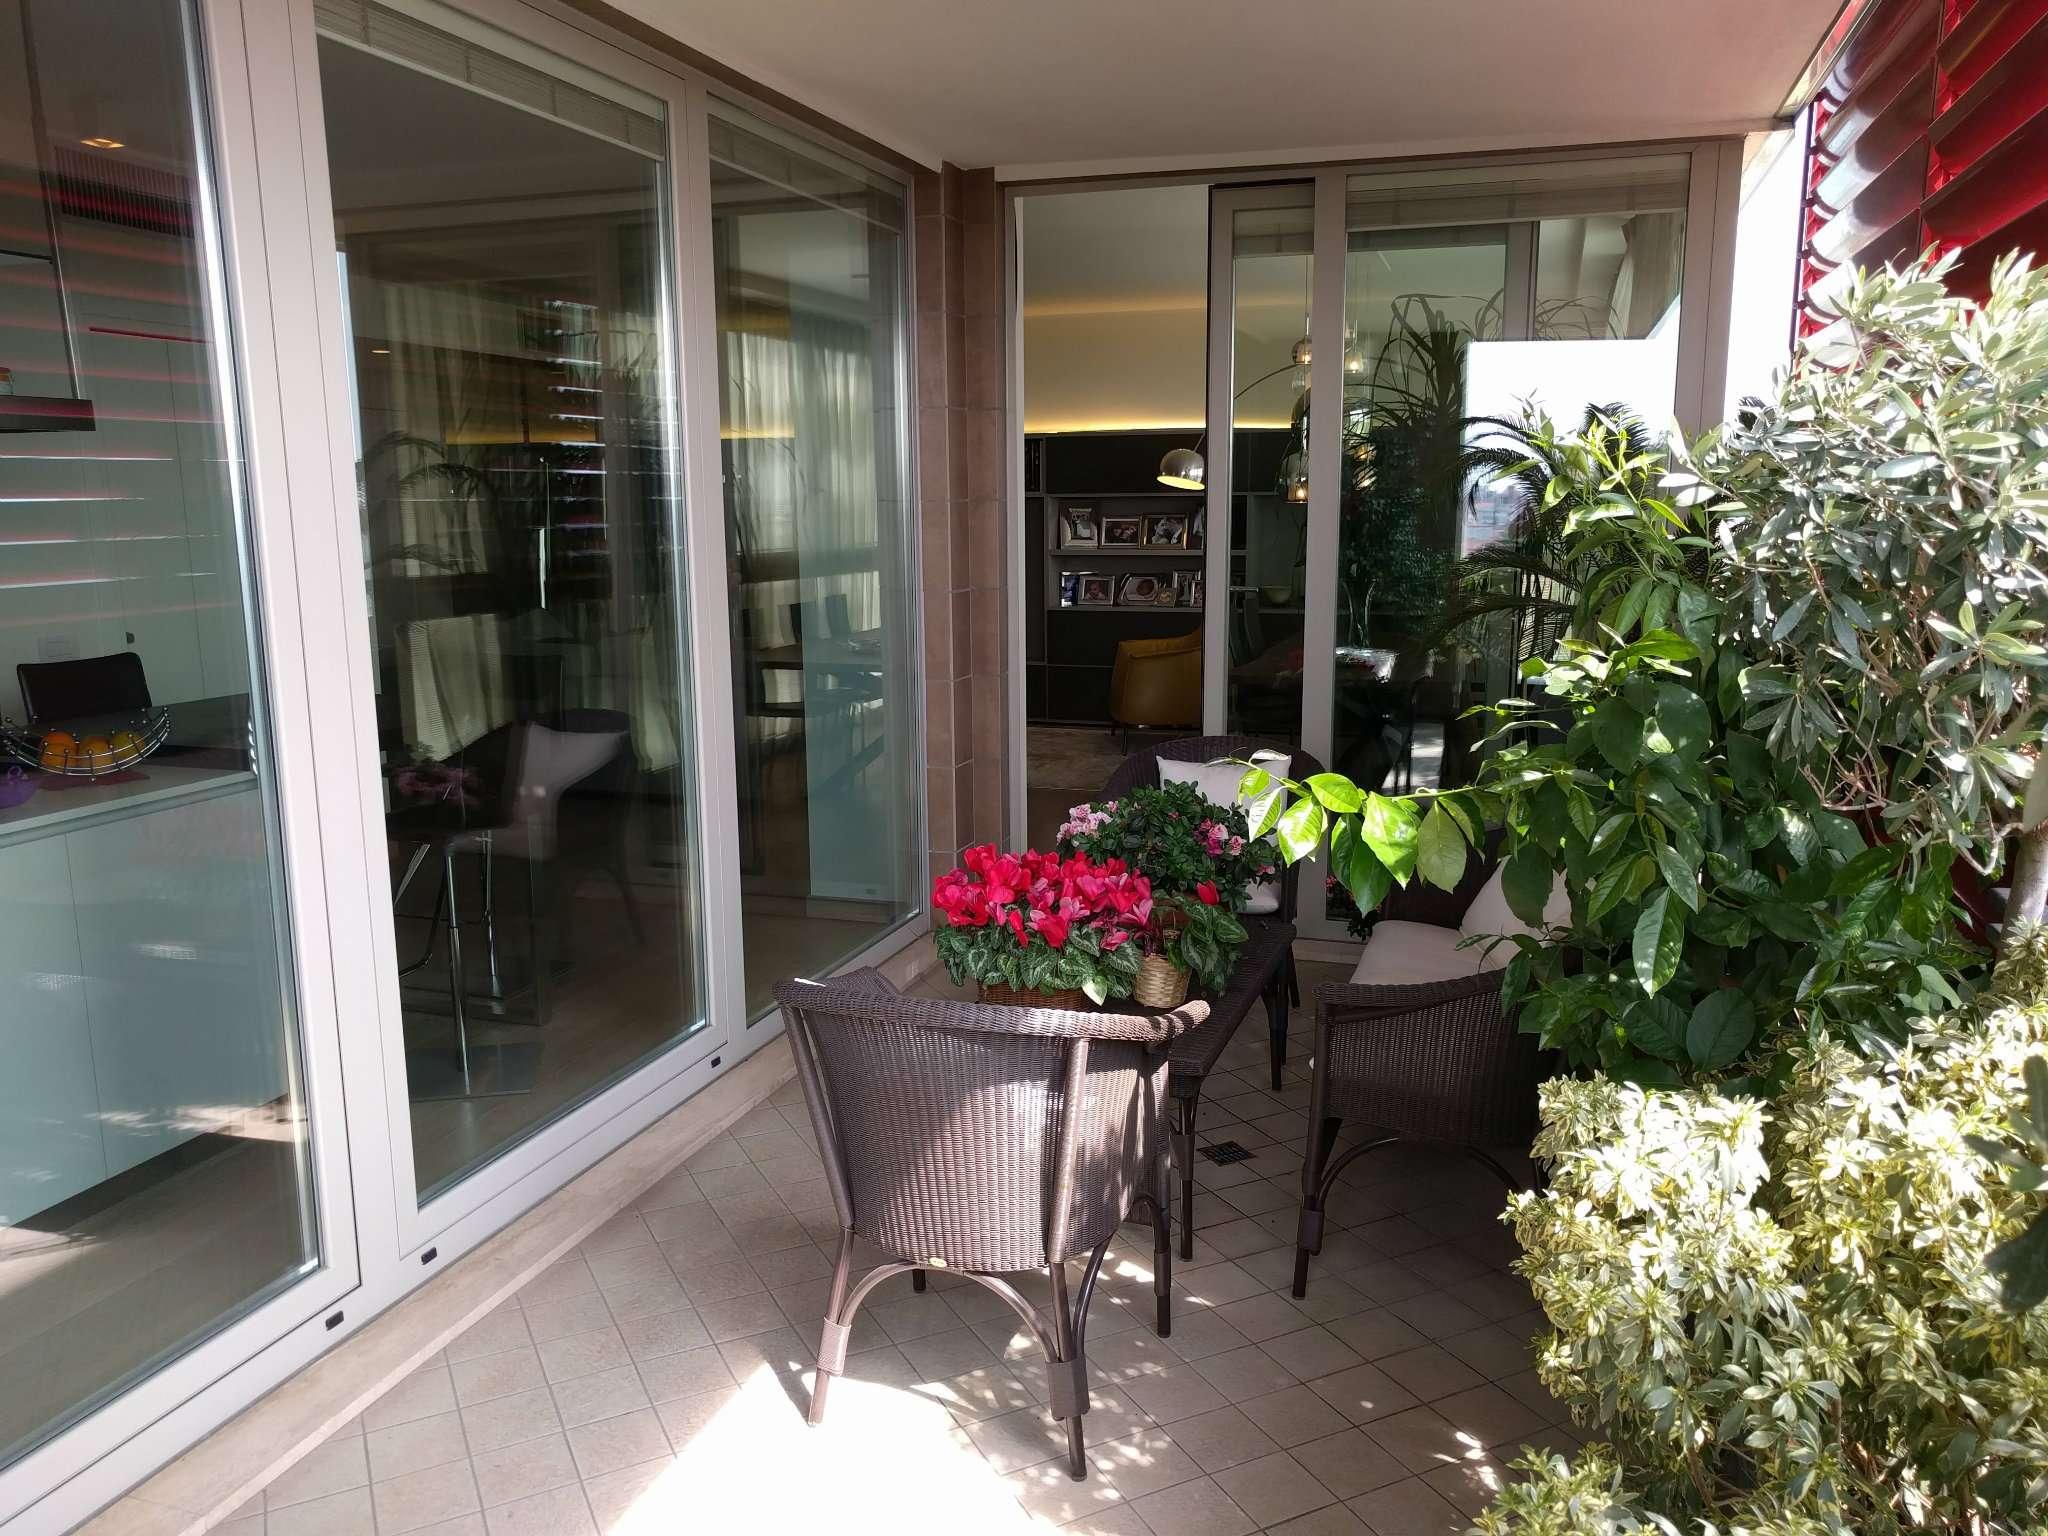 Appartamento in Vendita a Milano 06 Italia / Porta Romana / Bocconi / Lodi: 5 locali, 200 mq